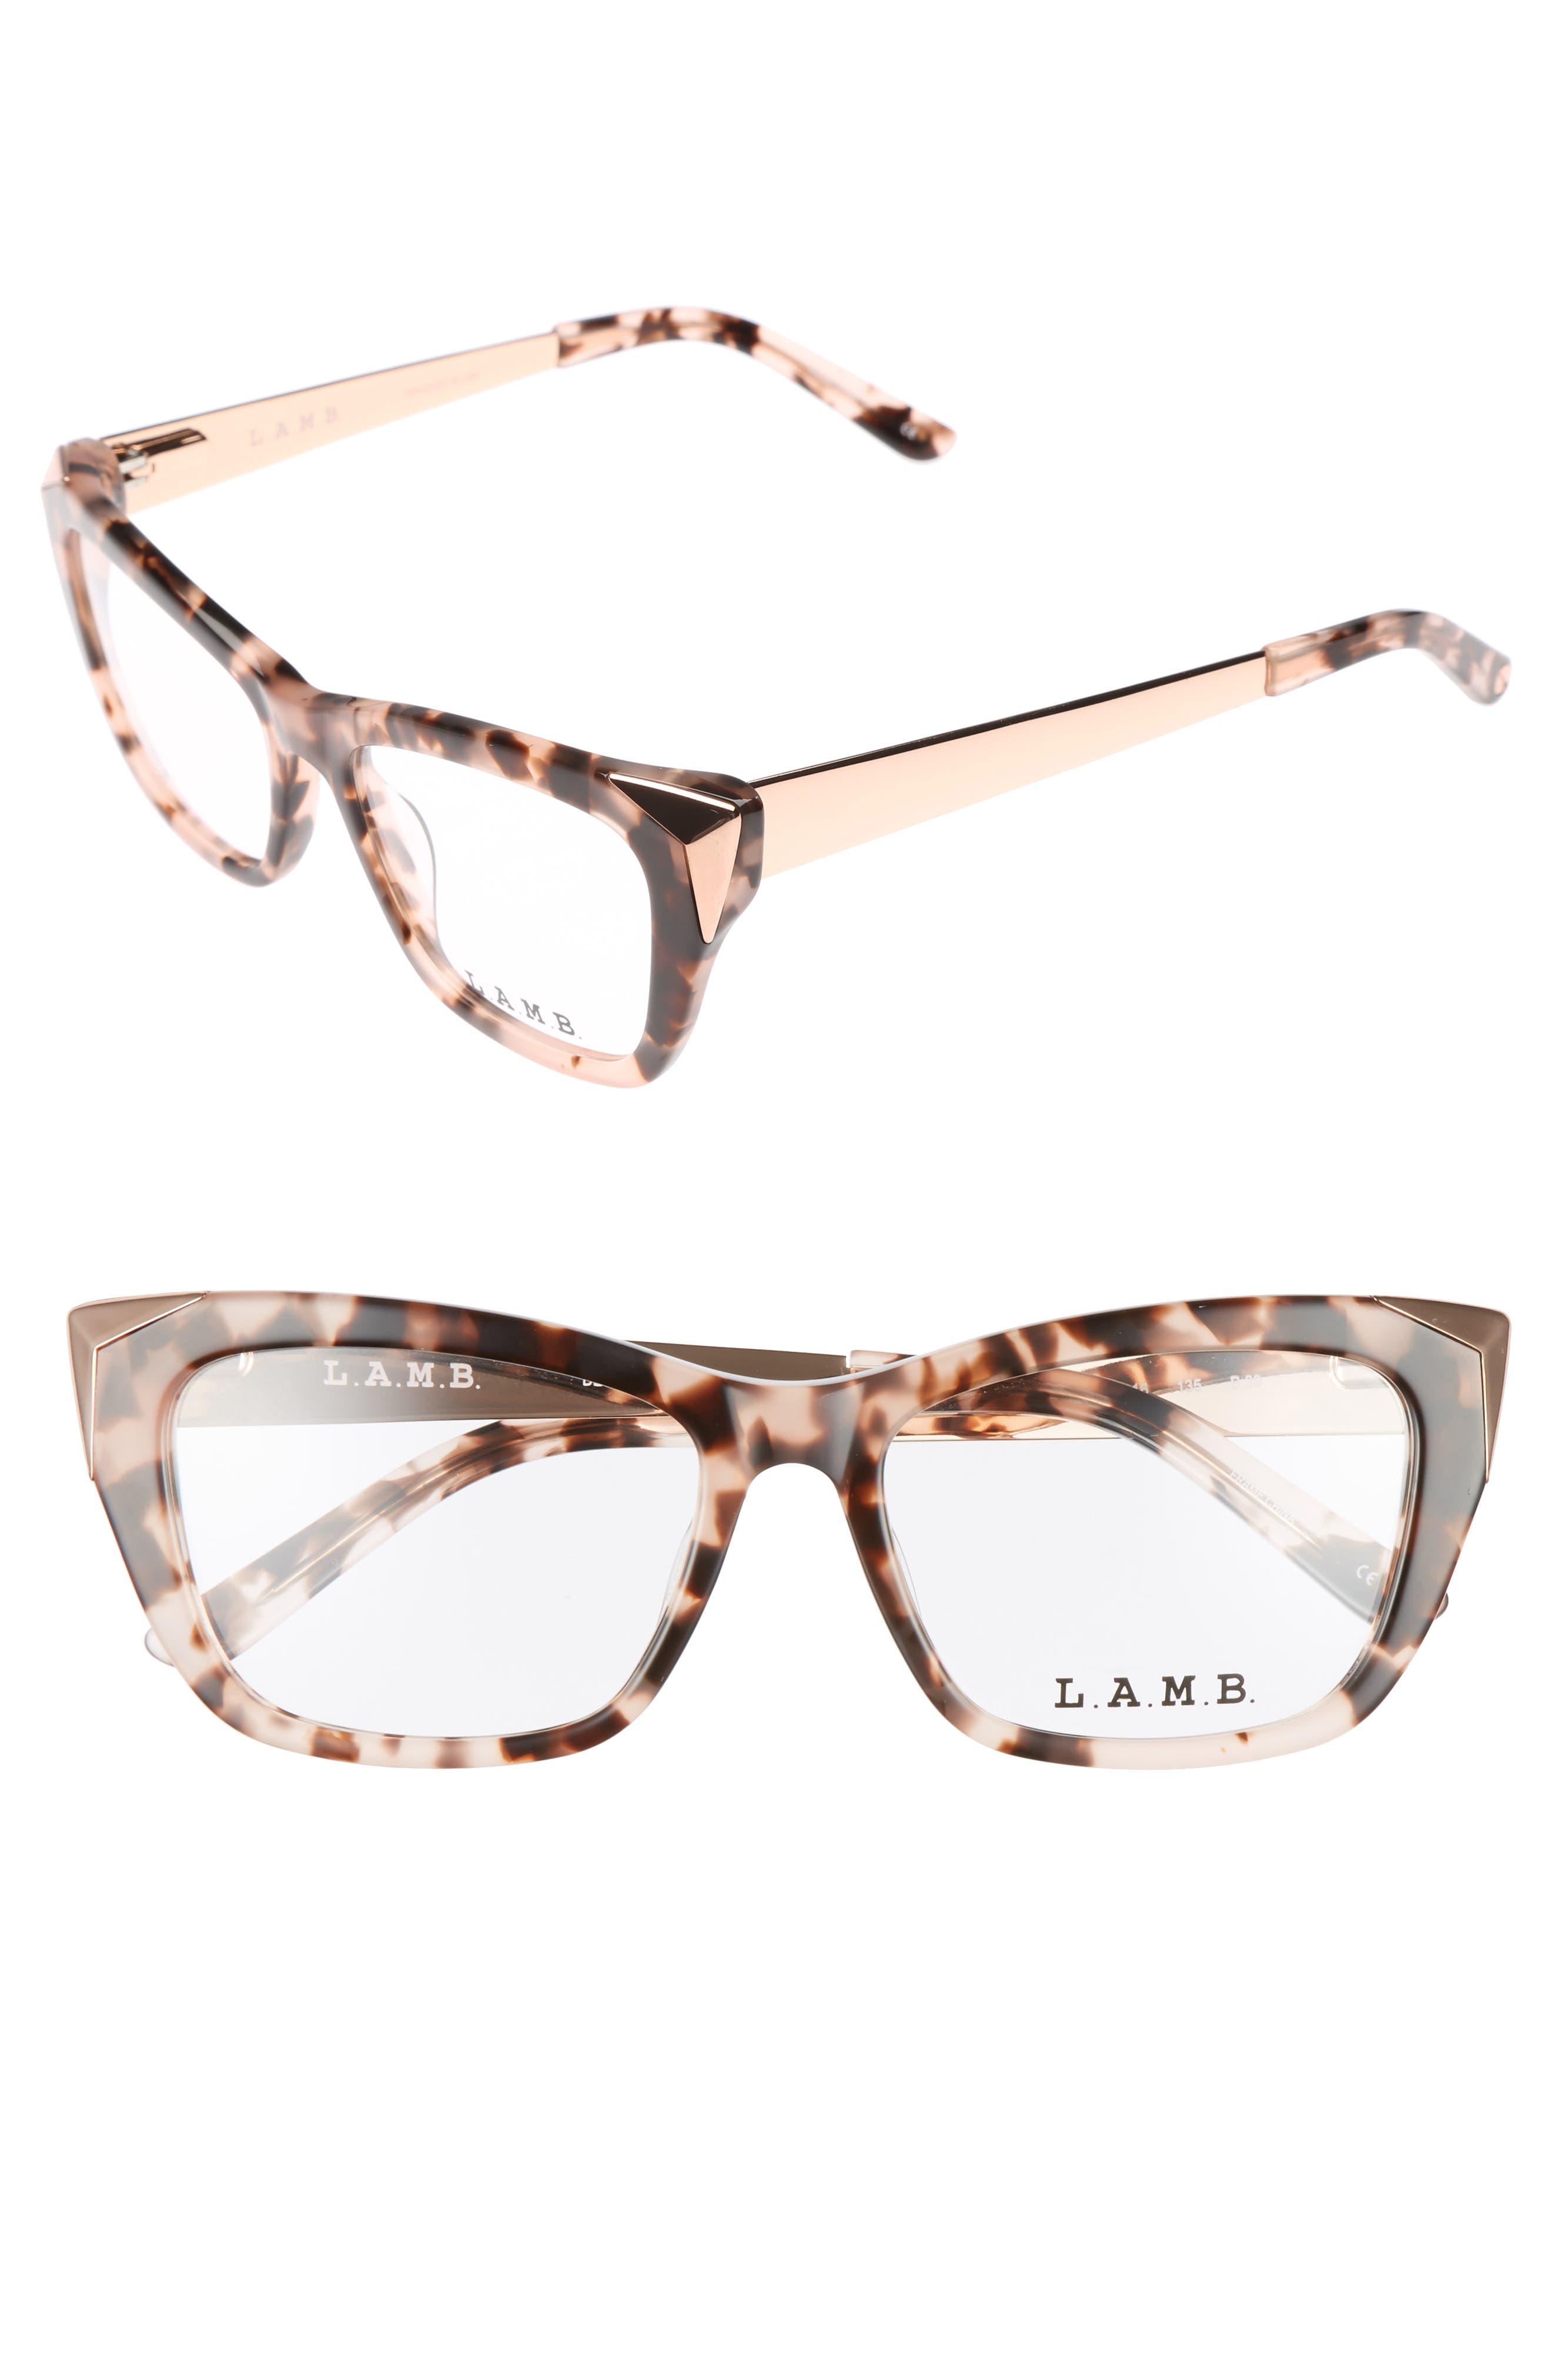 L.A.M.B. 52mm Optical Cat Eye Glasses